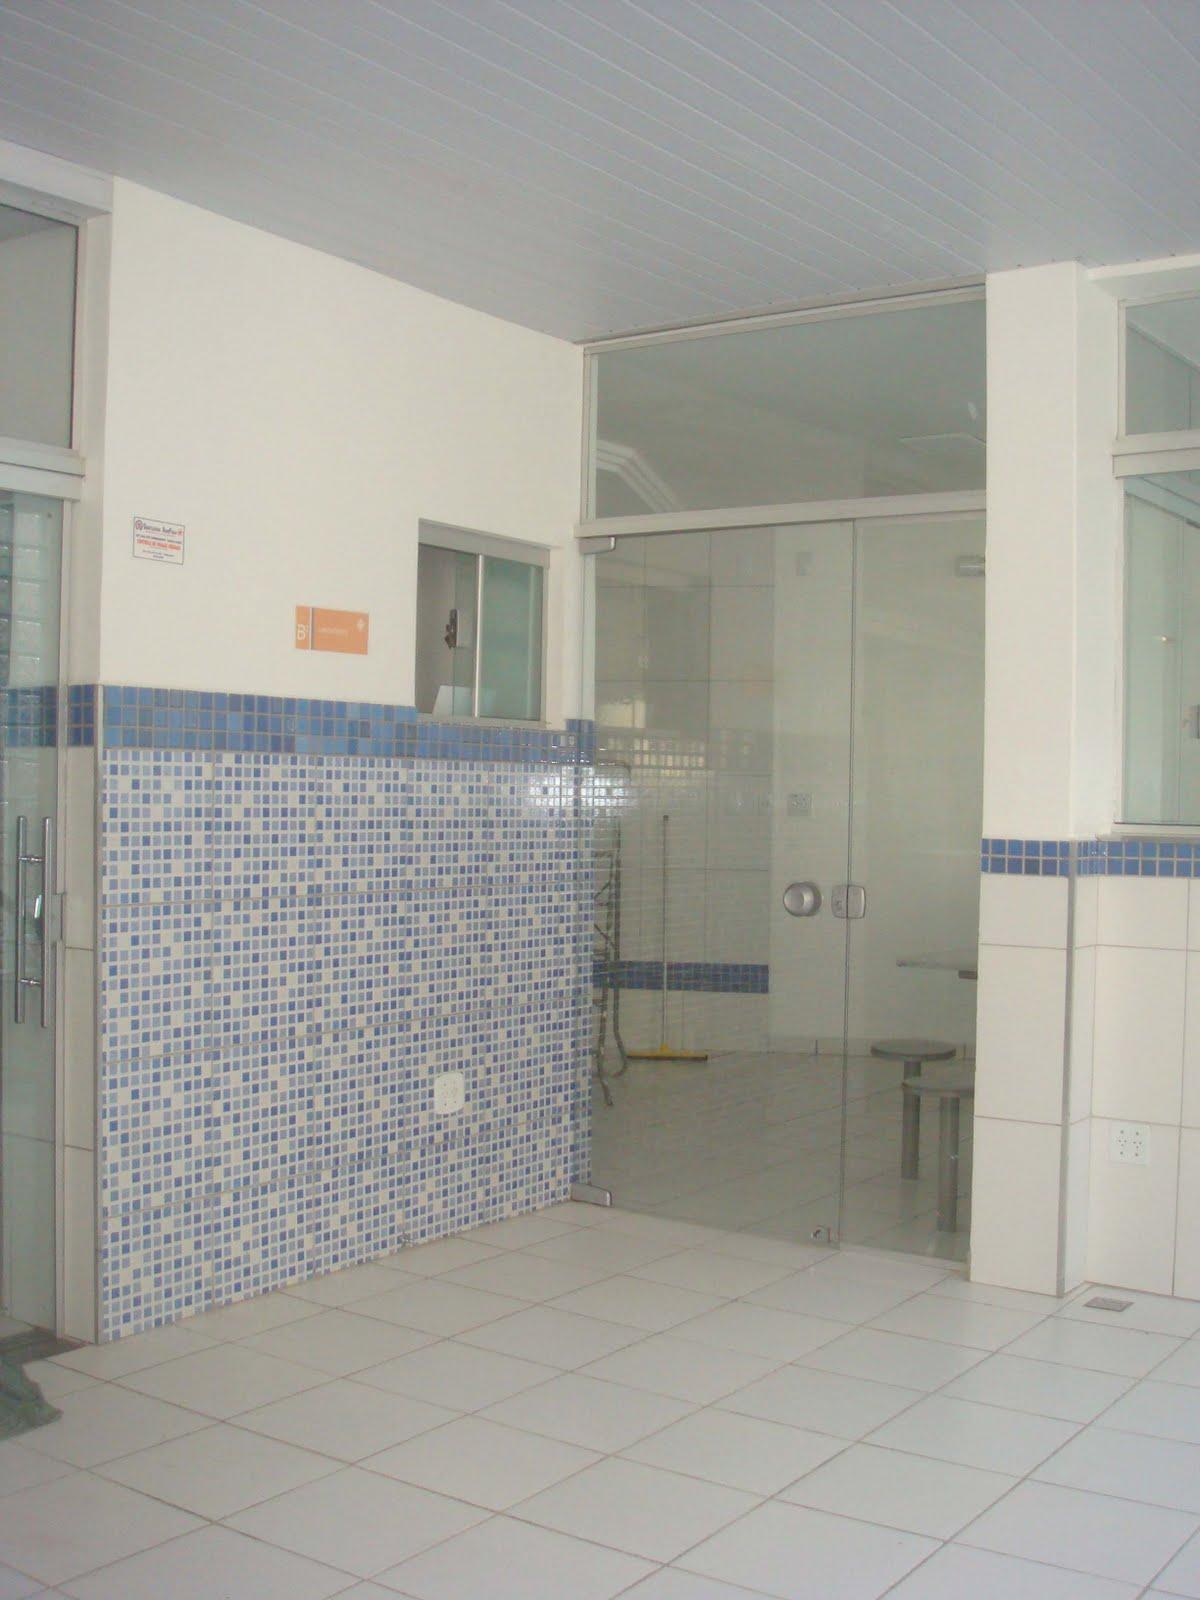 #6F665C Dica da Arquiteta: Inauguração Nova Cozinha Hospital Bom Pastor 164 Janelas De Vidro Letra